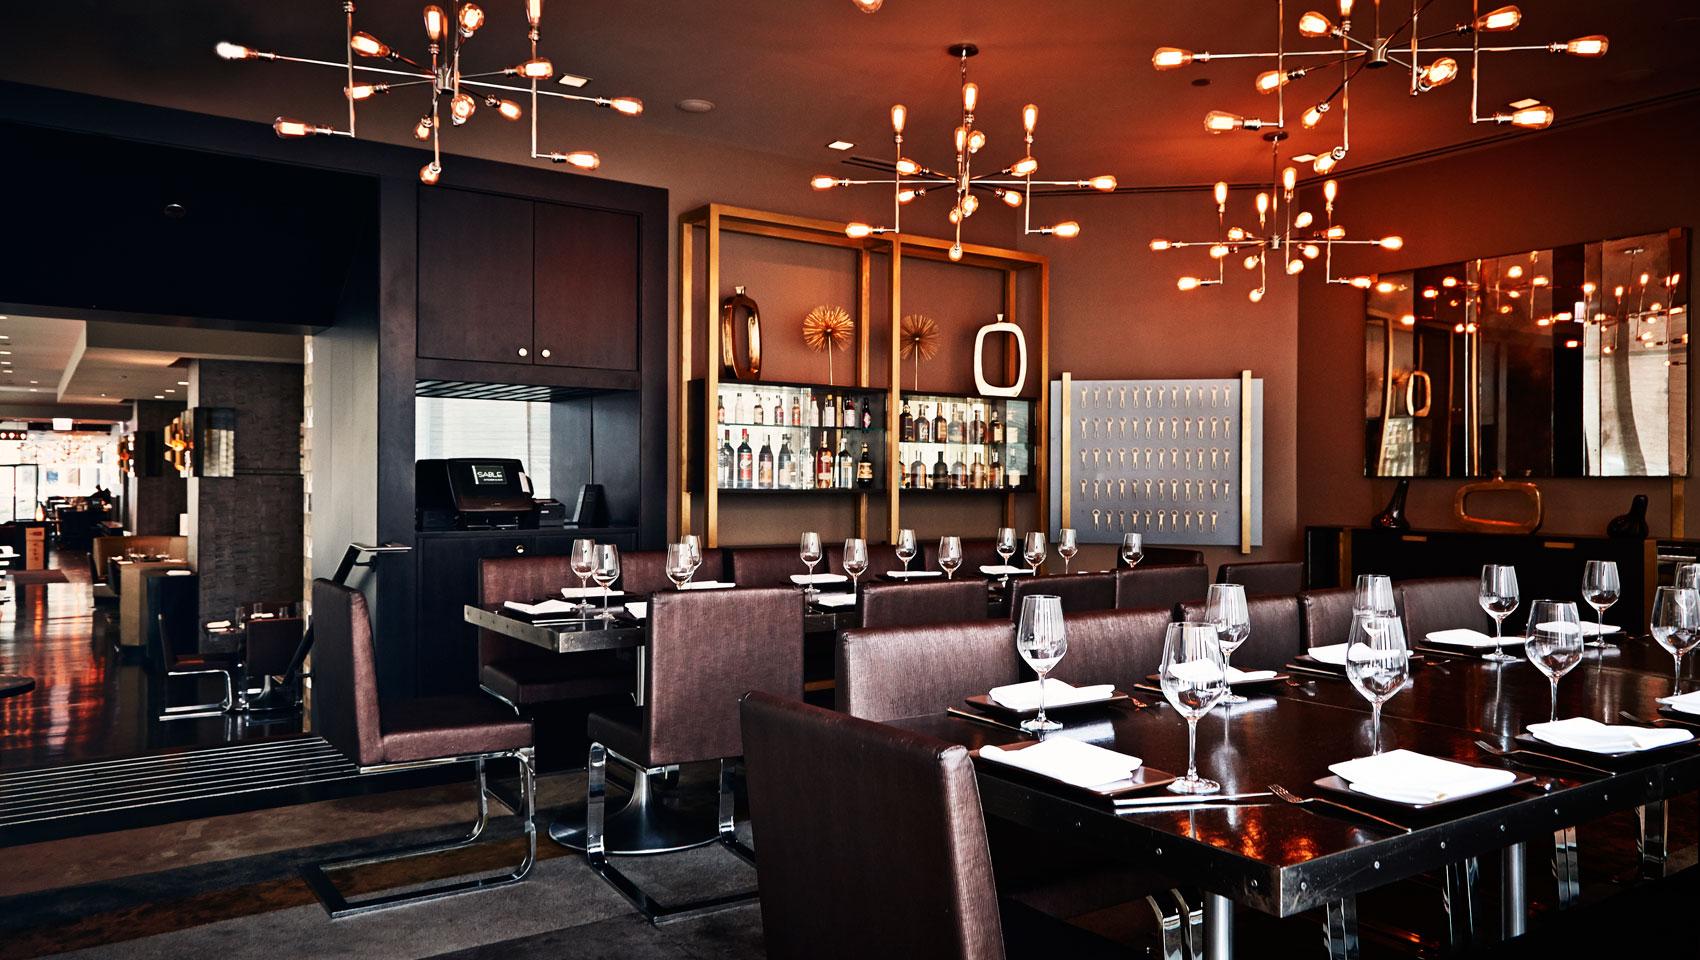 Jasa pembuatan restoran di bogor 085695285999 - Home designers near me ...